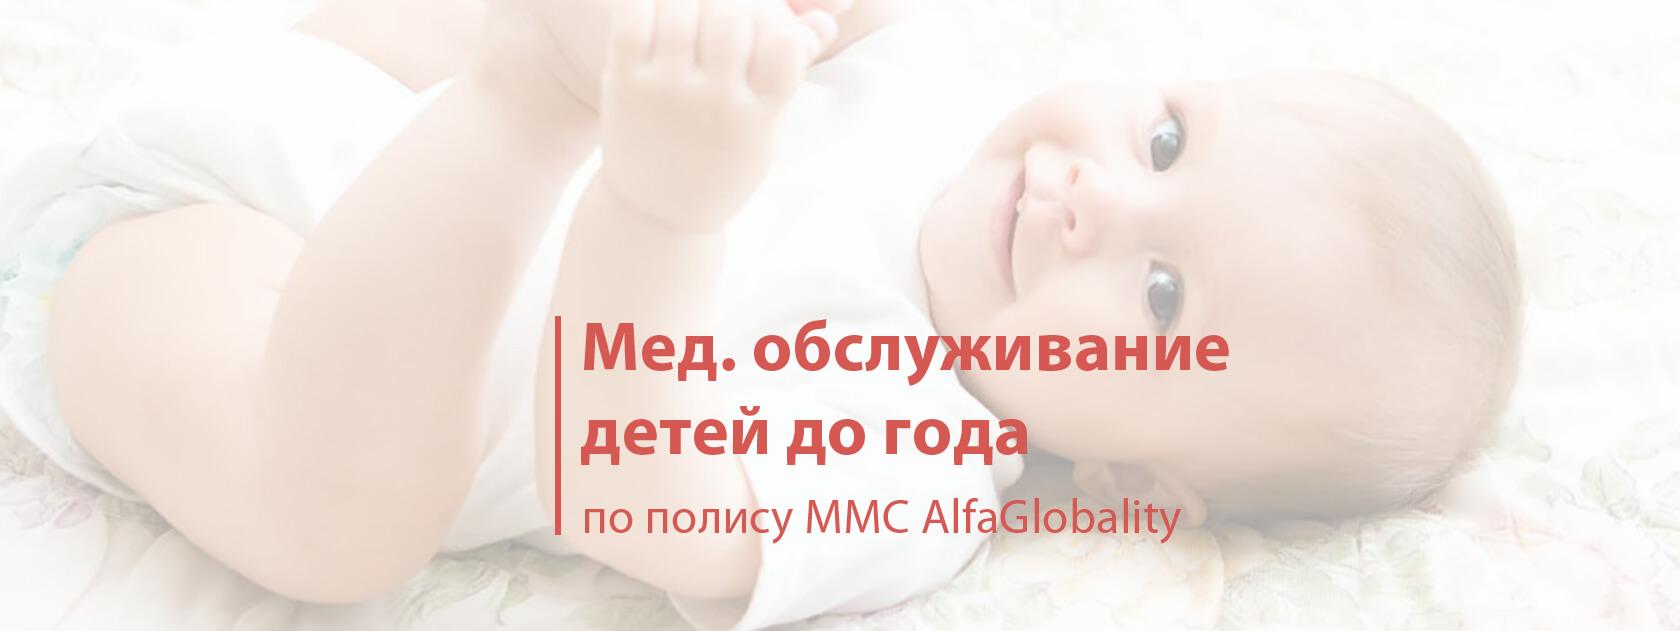 Медицинское обслуживание детей до года